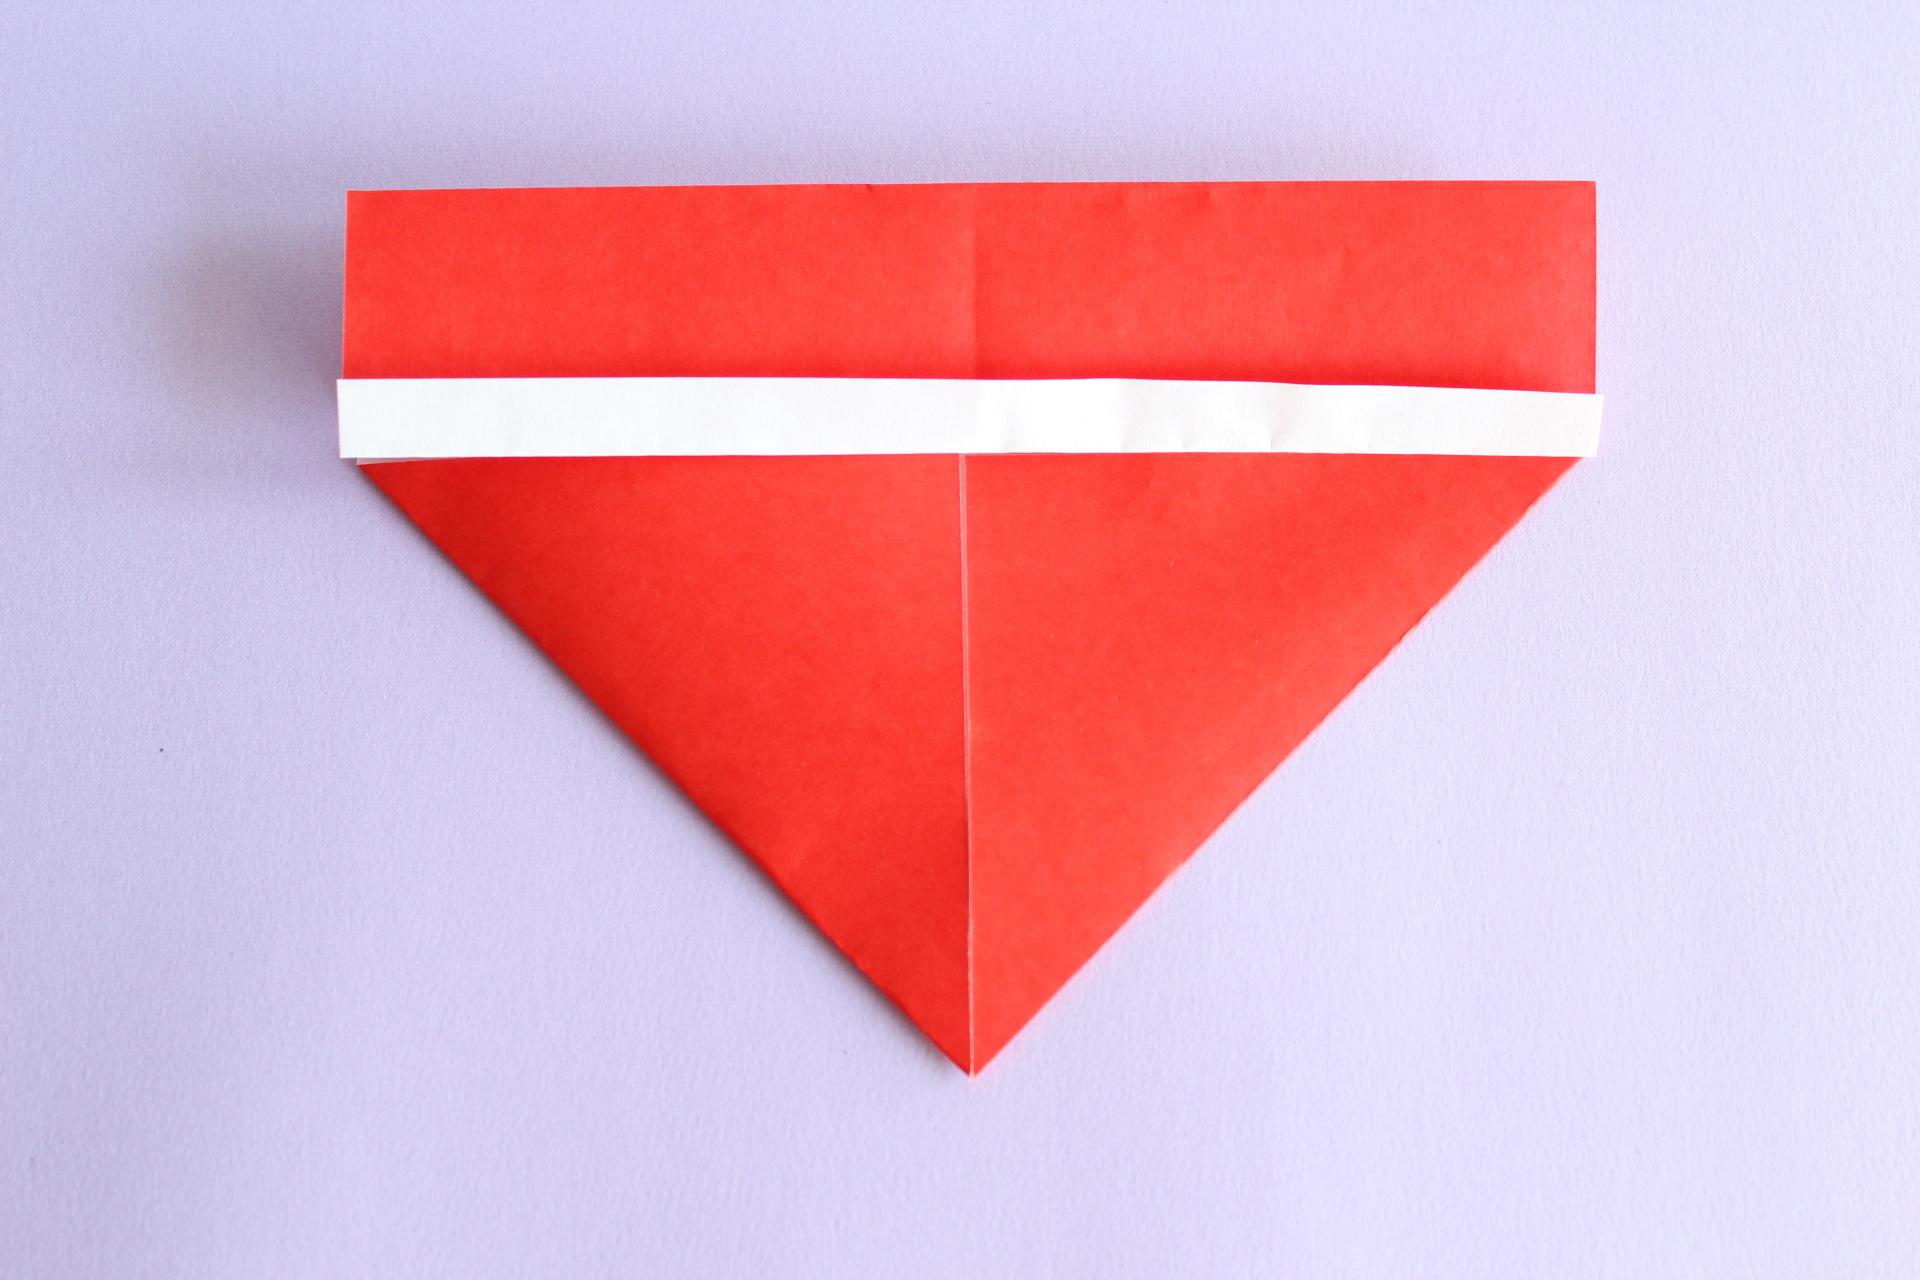 サンタの折り方4